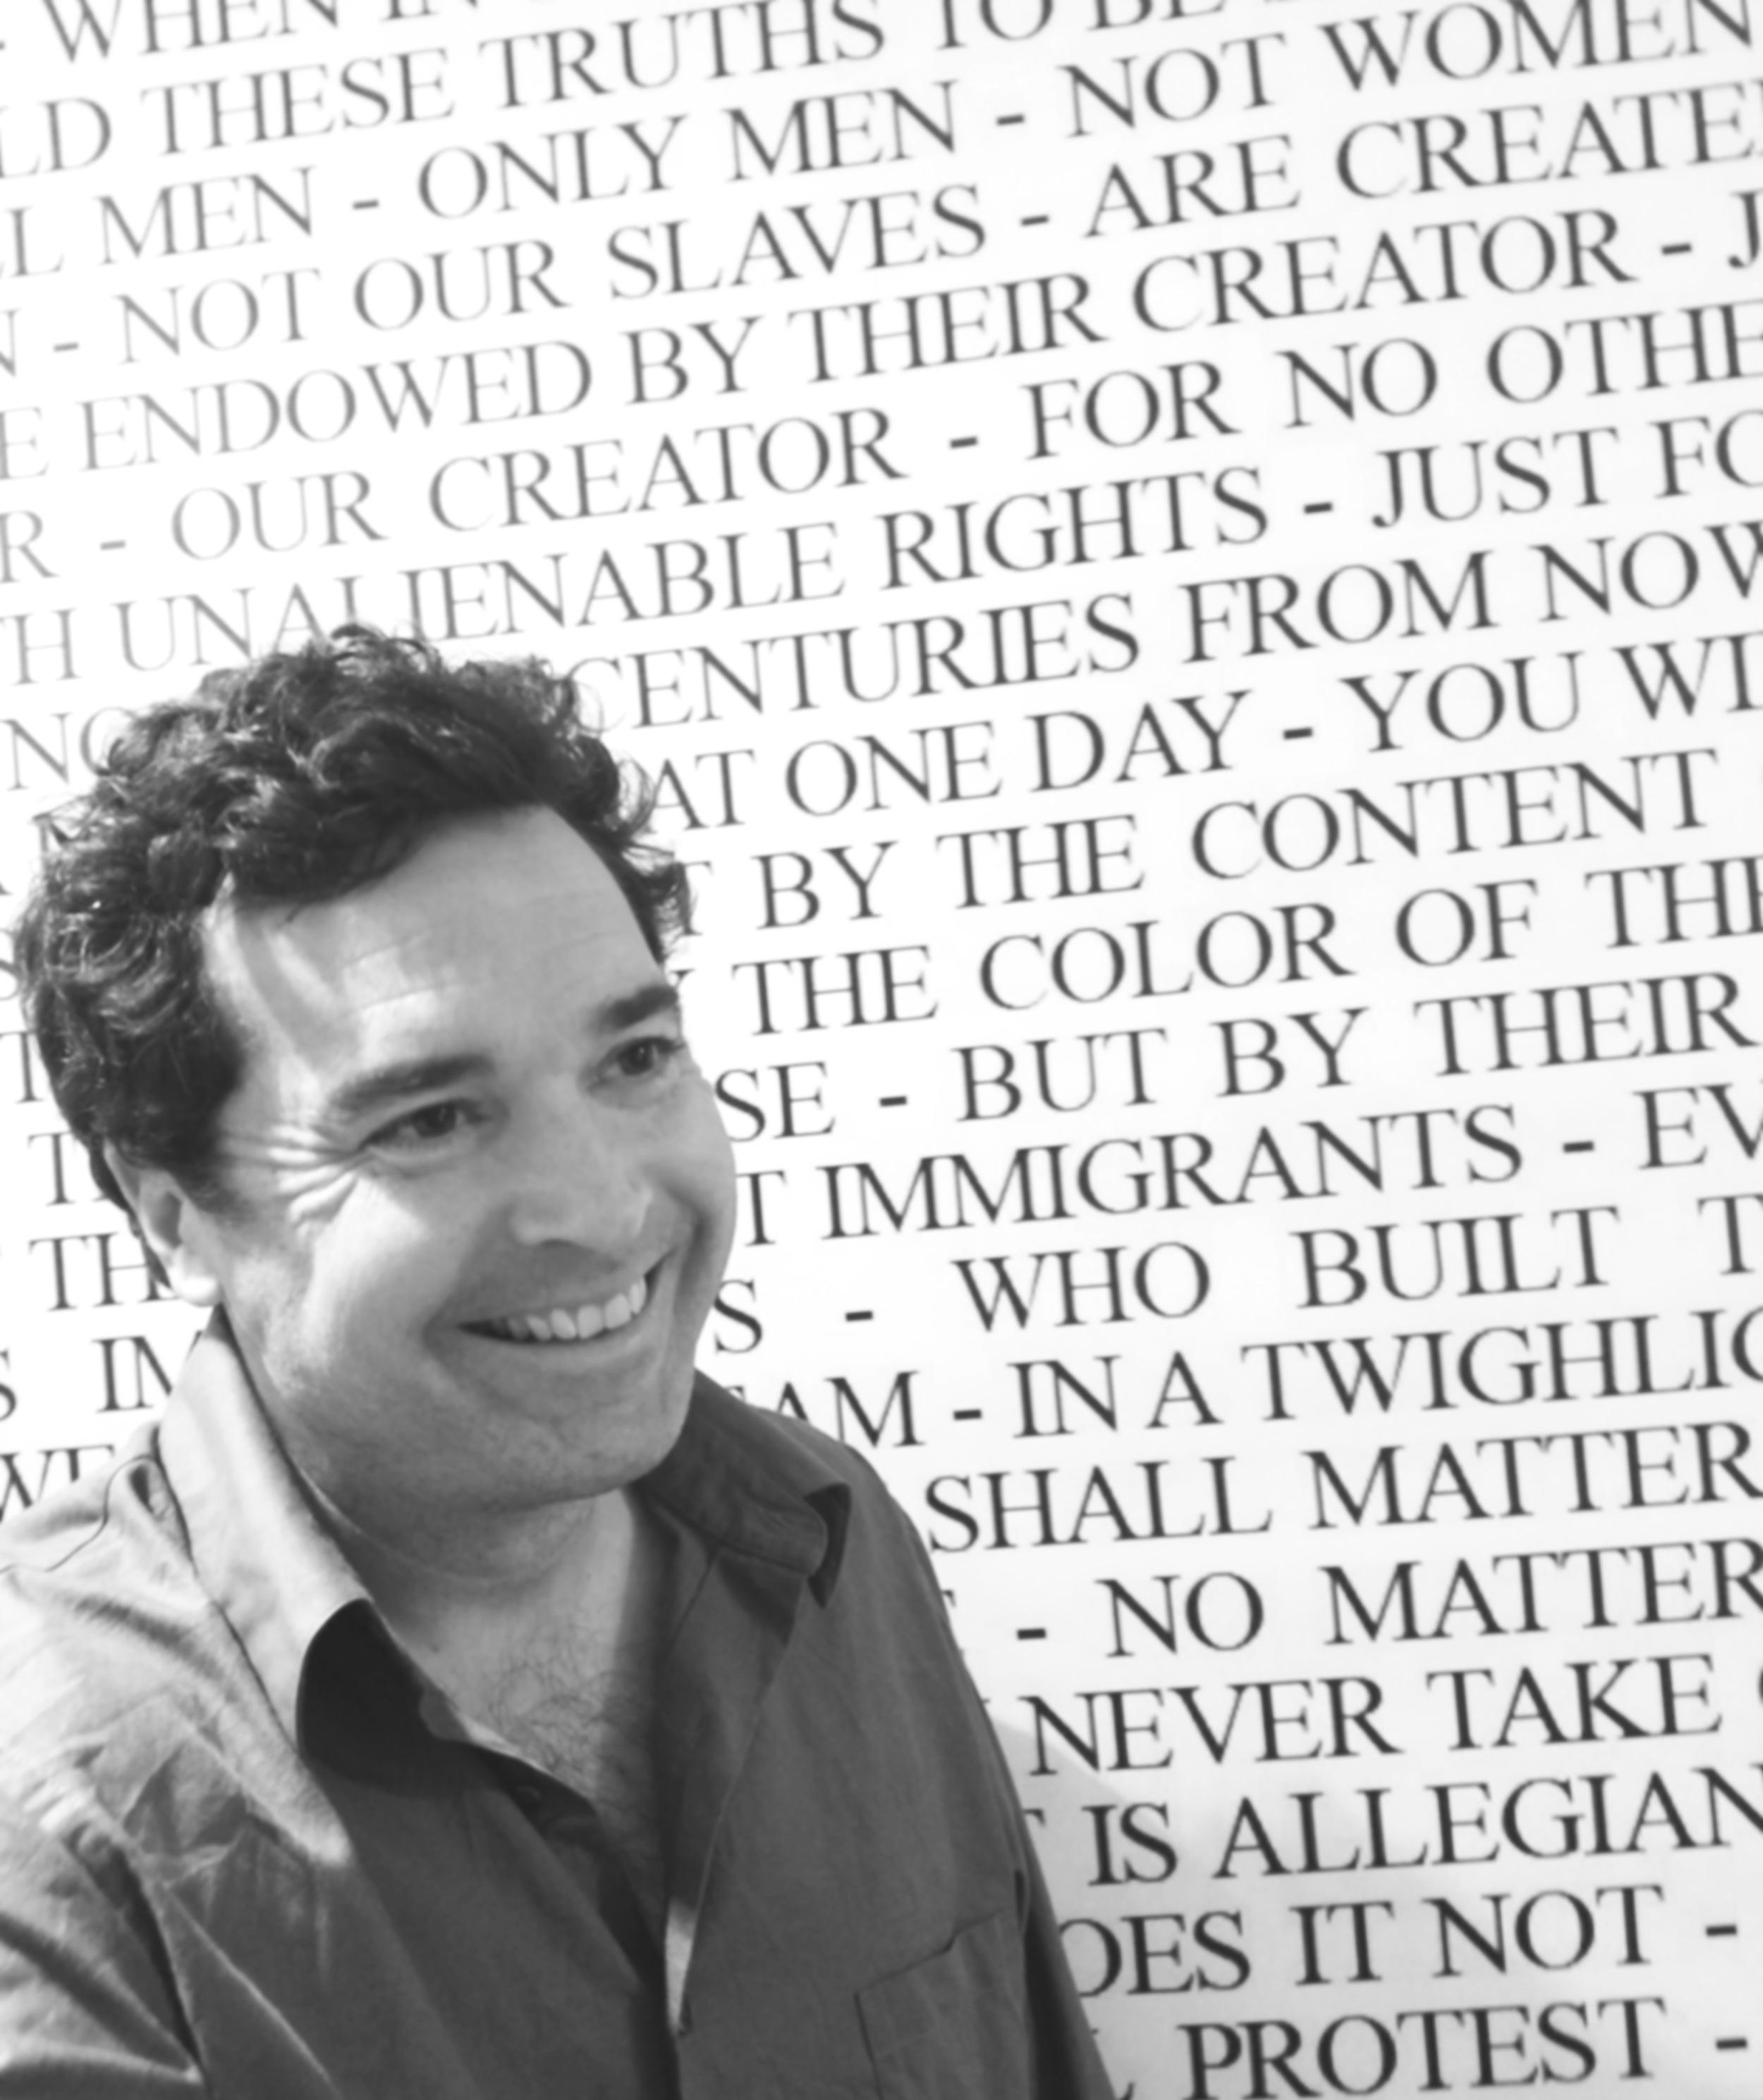 adam-wilson-adam-daley-wilson-art-law-media-law-IP-first-amendment-lawyer-portland-maine